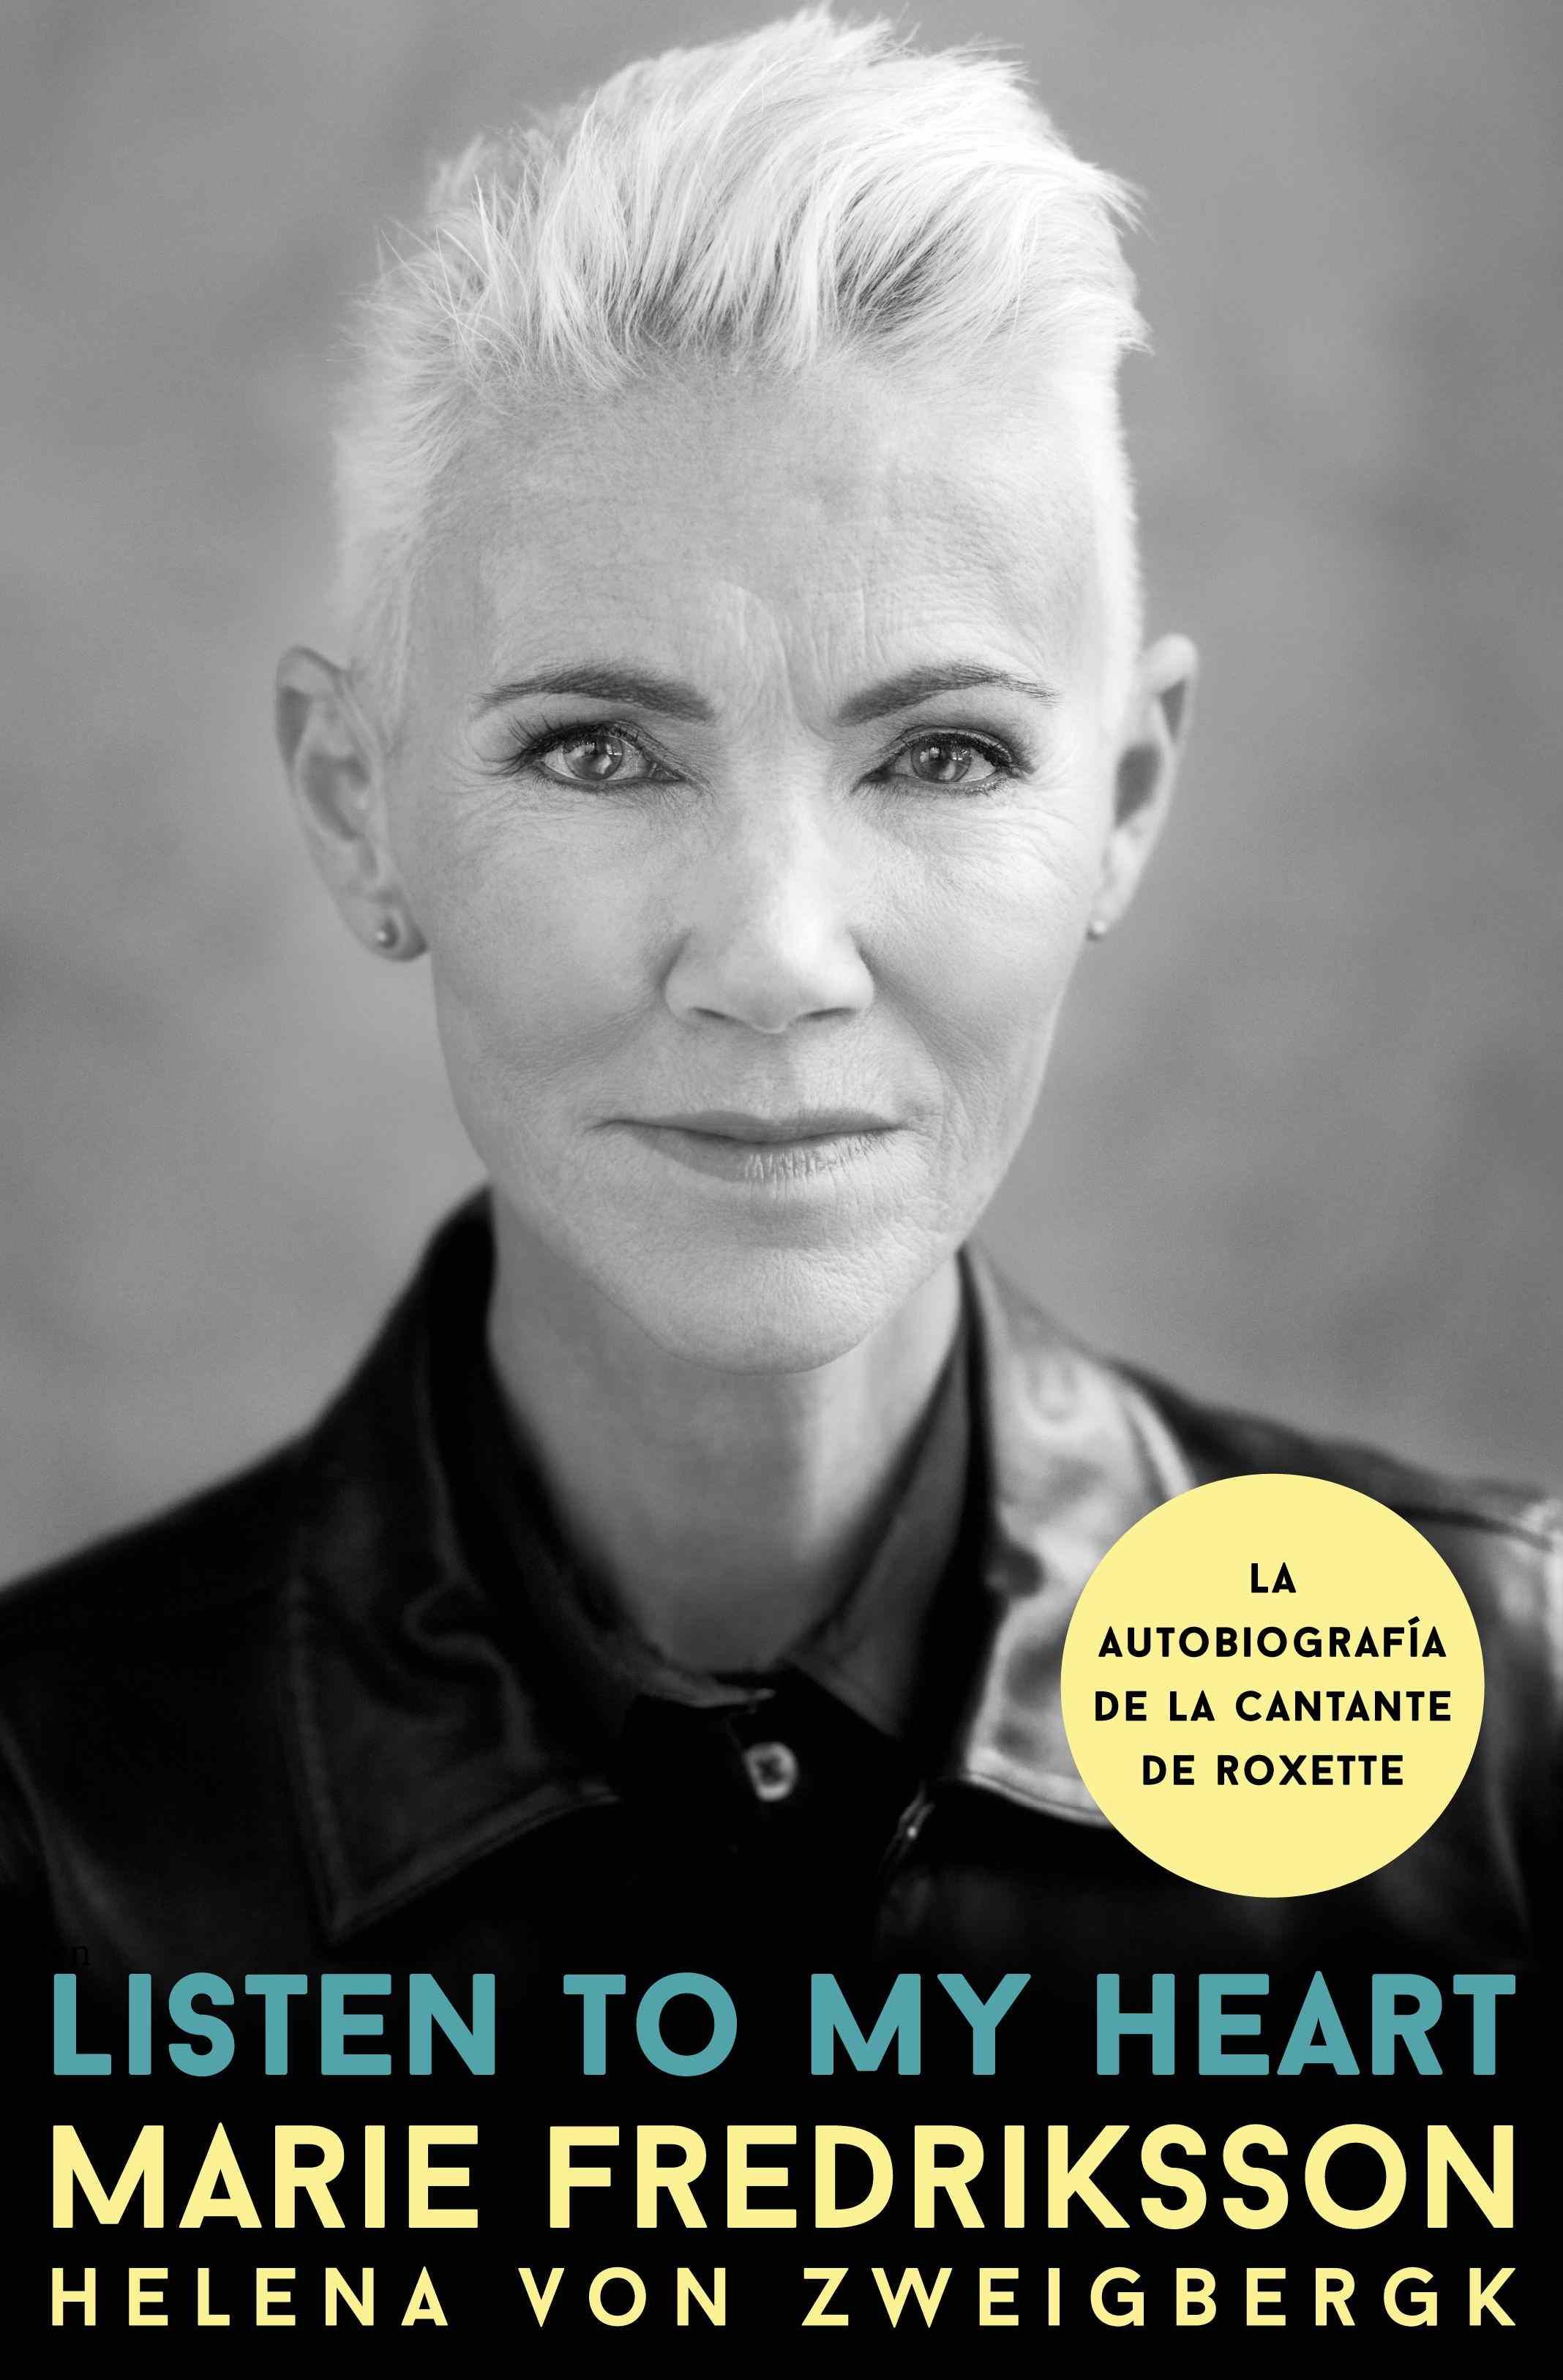 La cantante de Roxette, Marie Fredriksson, se confiesa en la autobiografía Listen to my heart (Escucha a mi corazón)